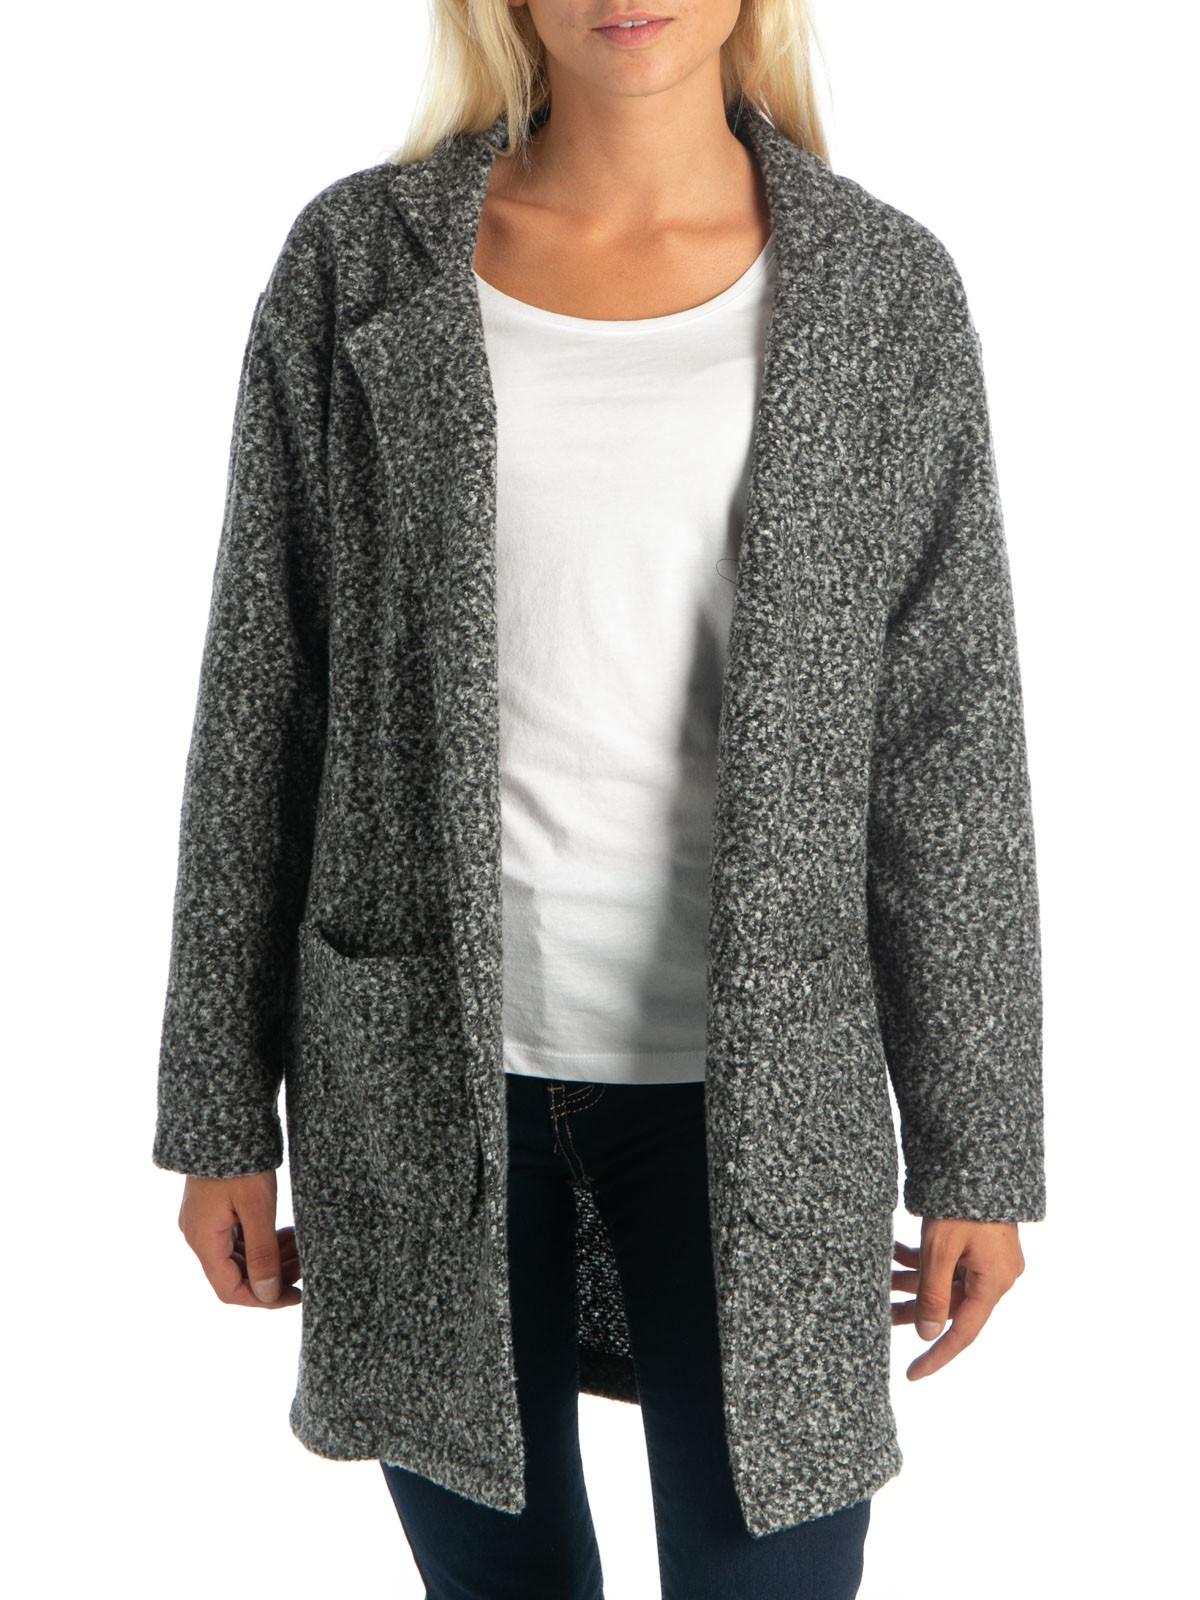 vente chaude en ligne 87fa2 ccedd Veste longue gris chiné femme - DistriCenter